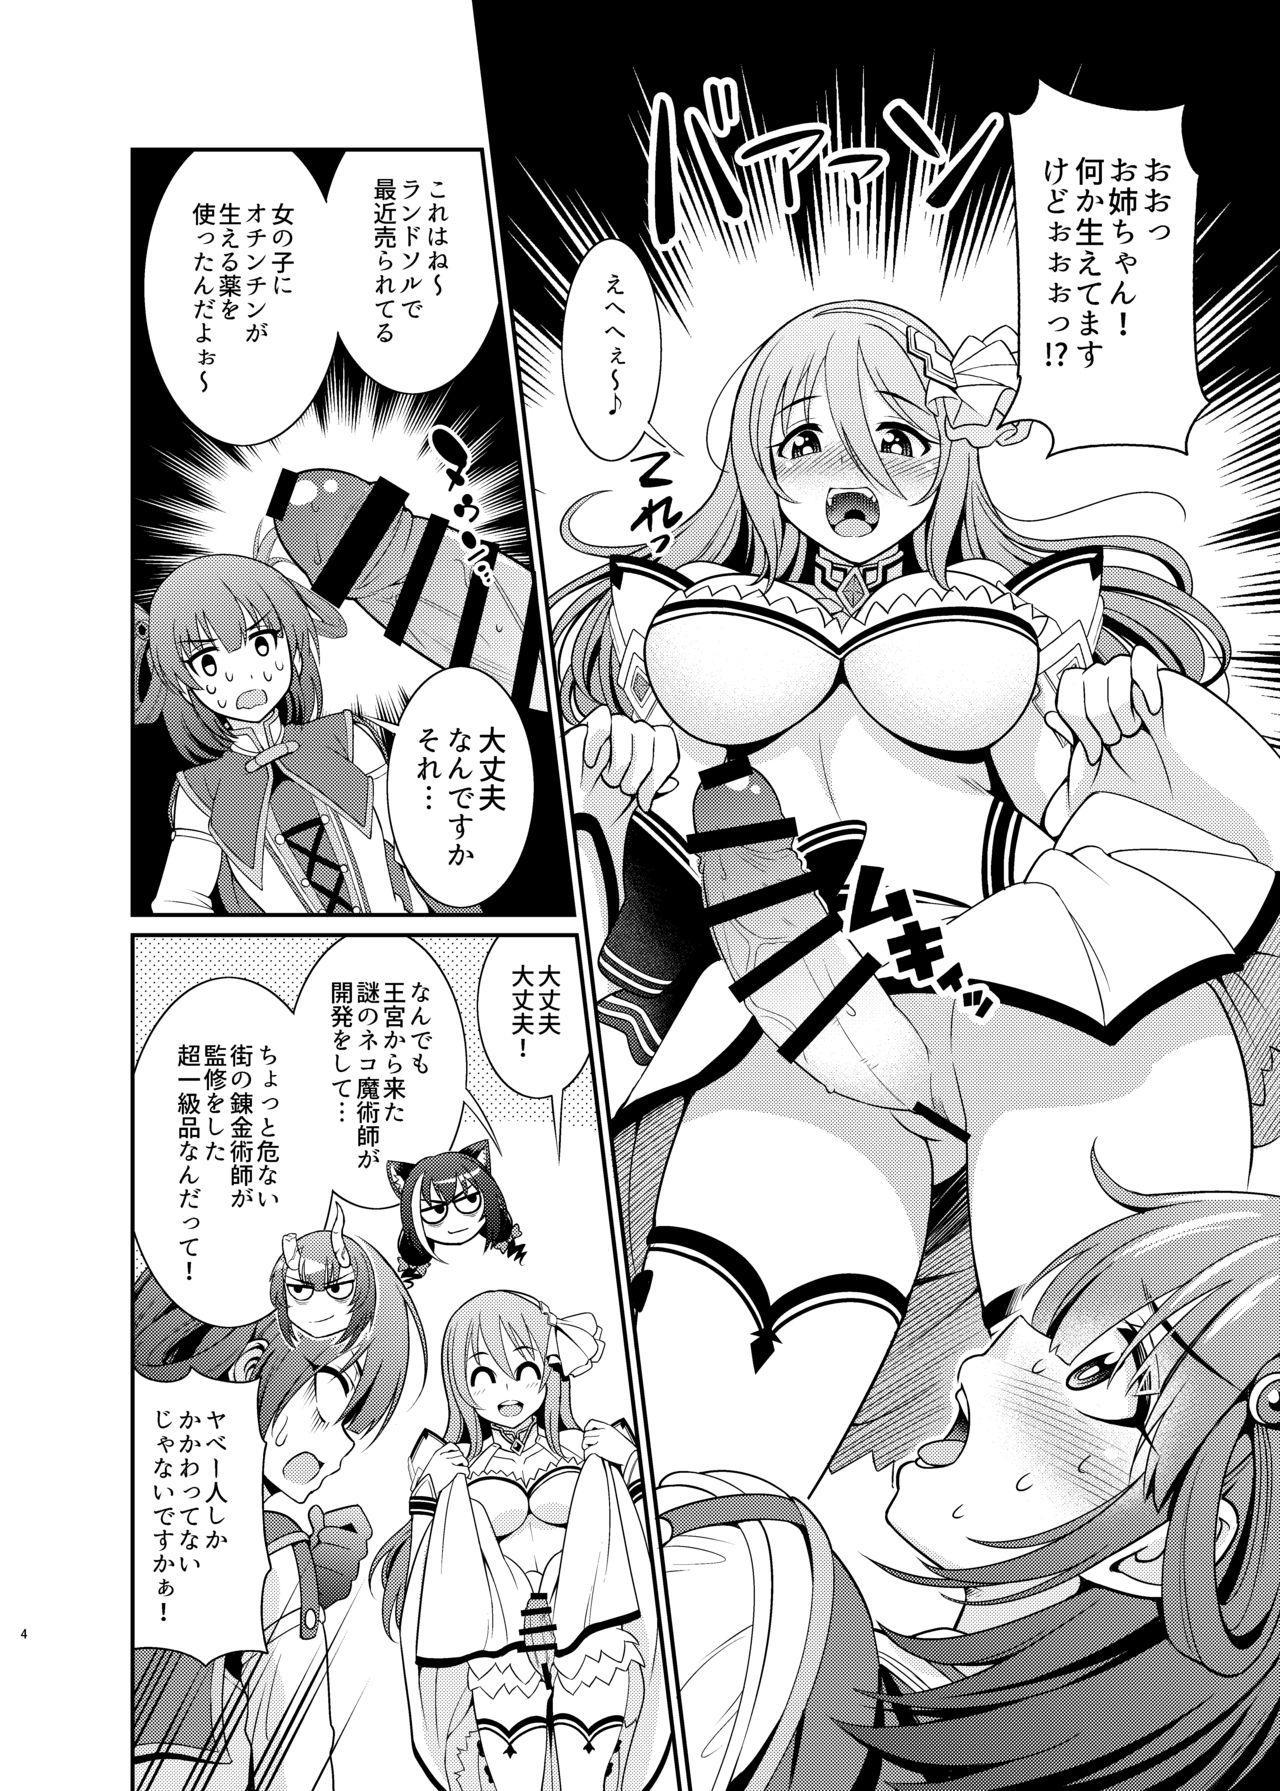 Kinyoku Seikatsu nante Kiwameru kara... Ochinchin ga Haechaun desu yo! 3